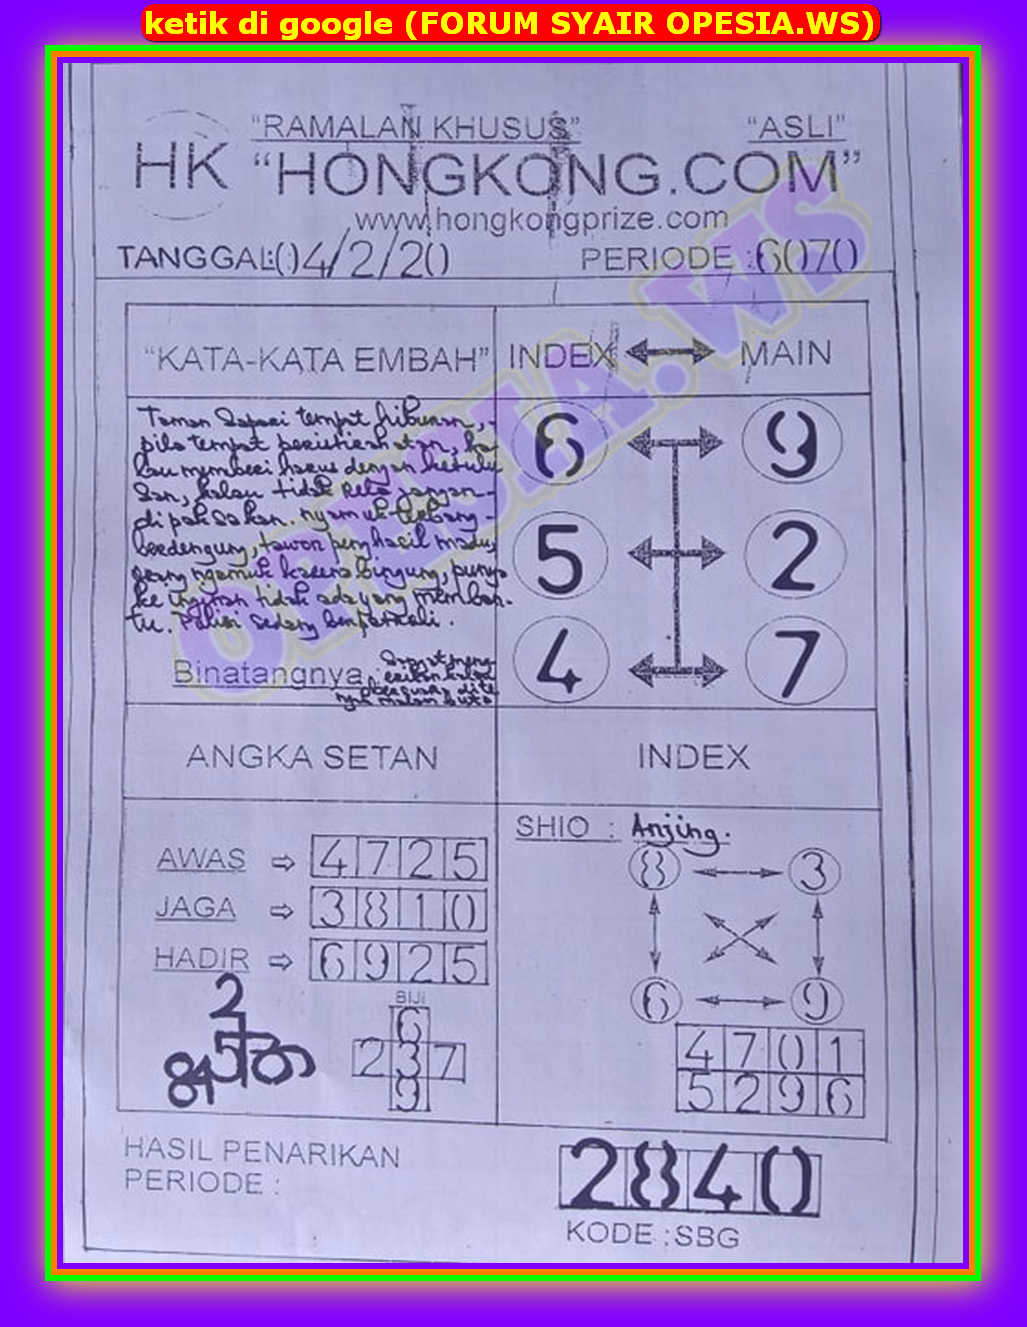 Kode syair Hongkong Selasa 4 Februari 2020 54